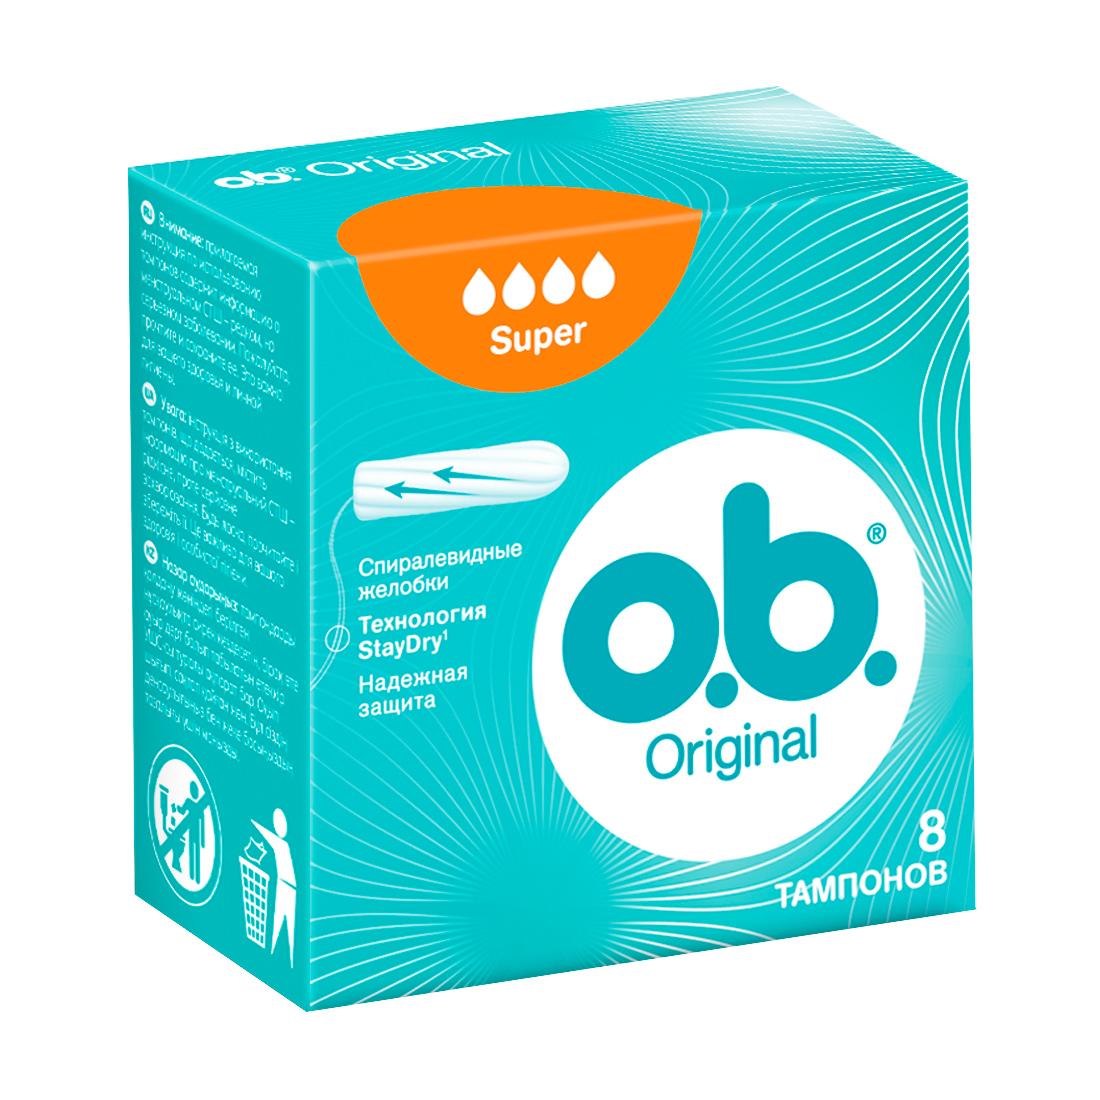 Тампони o.b. Original Super, 8 шт